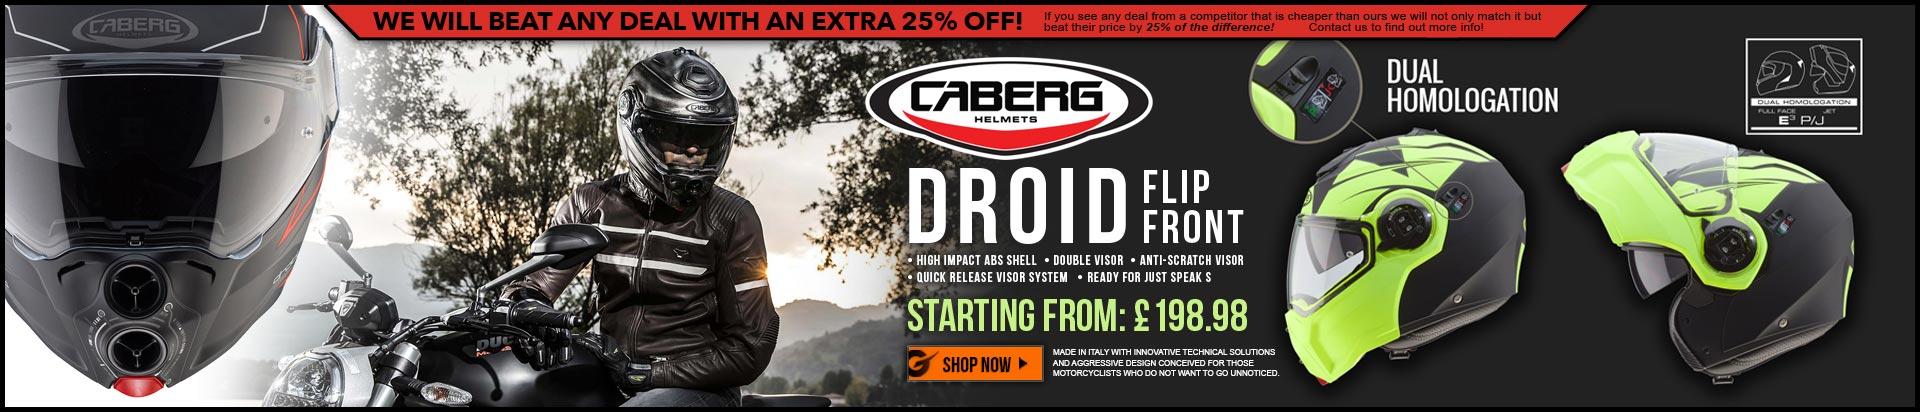 Caberg Droid